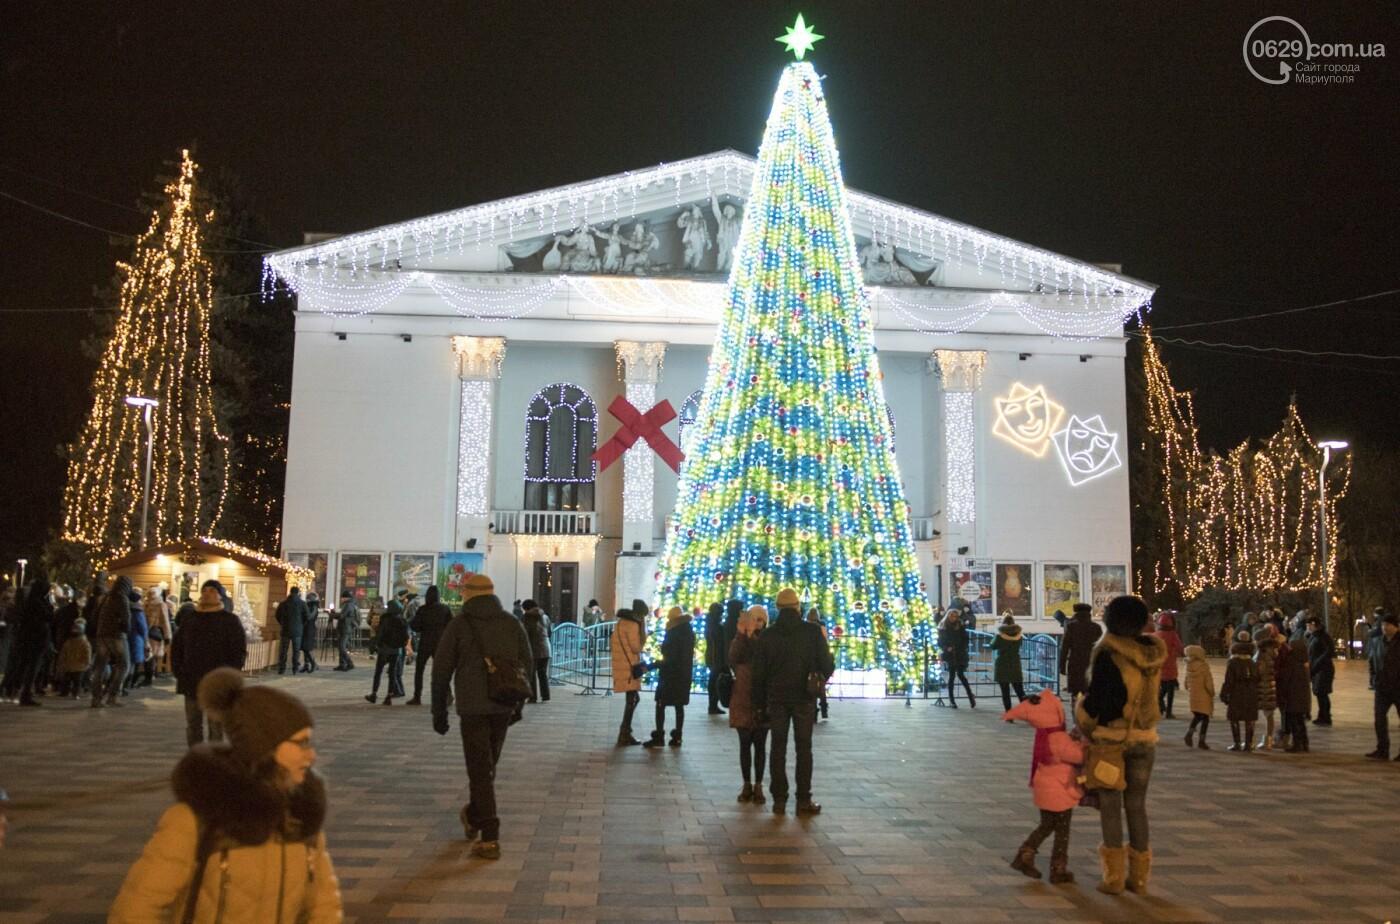 Как в Мариуполь с новогодними праздниками пришла Европа,  - ФОТО, ВИДЕО, фото-5